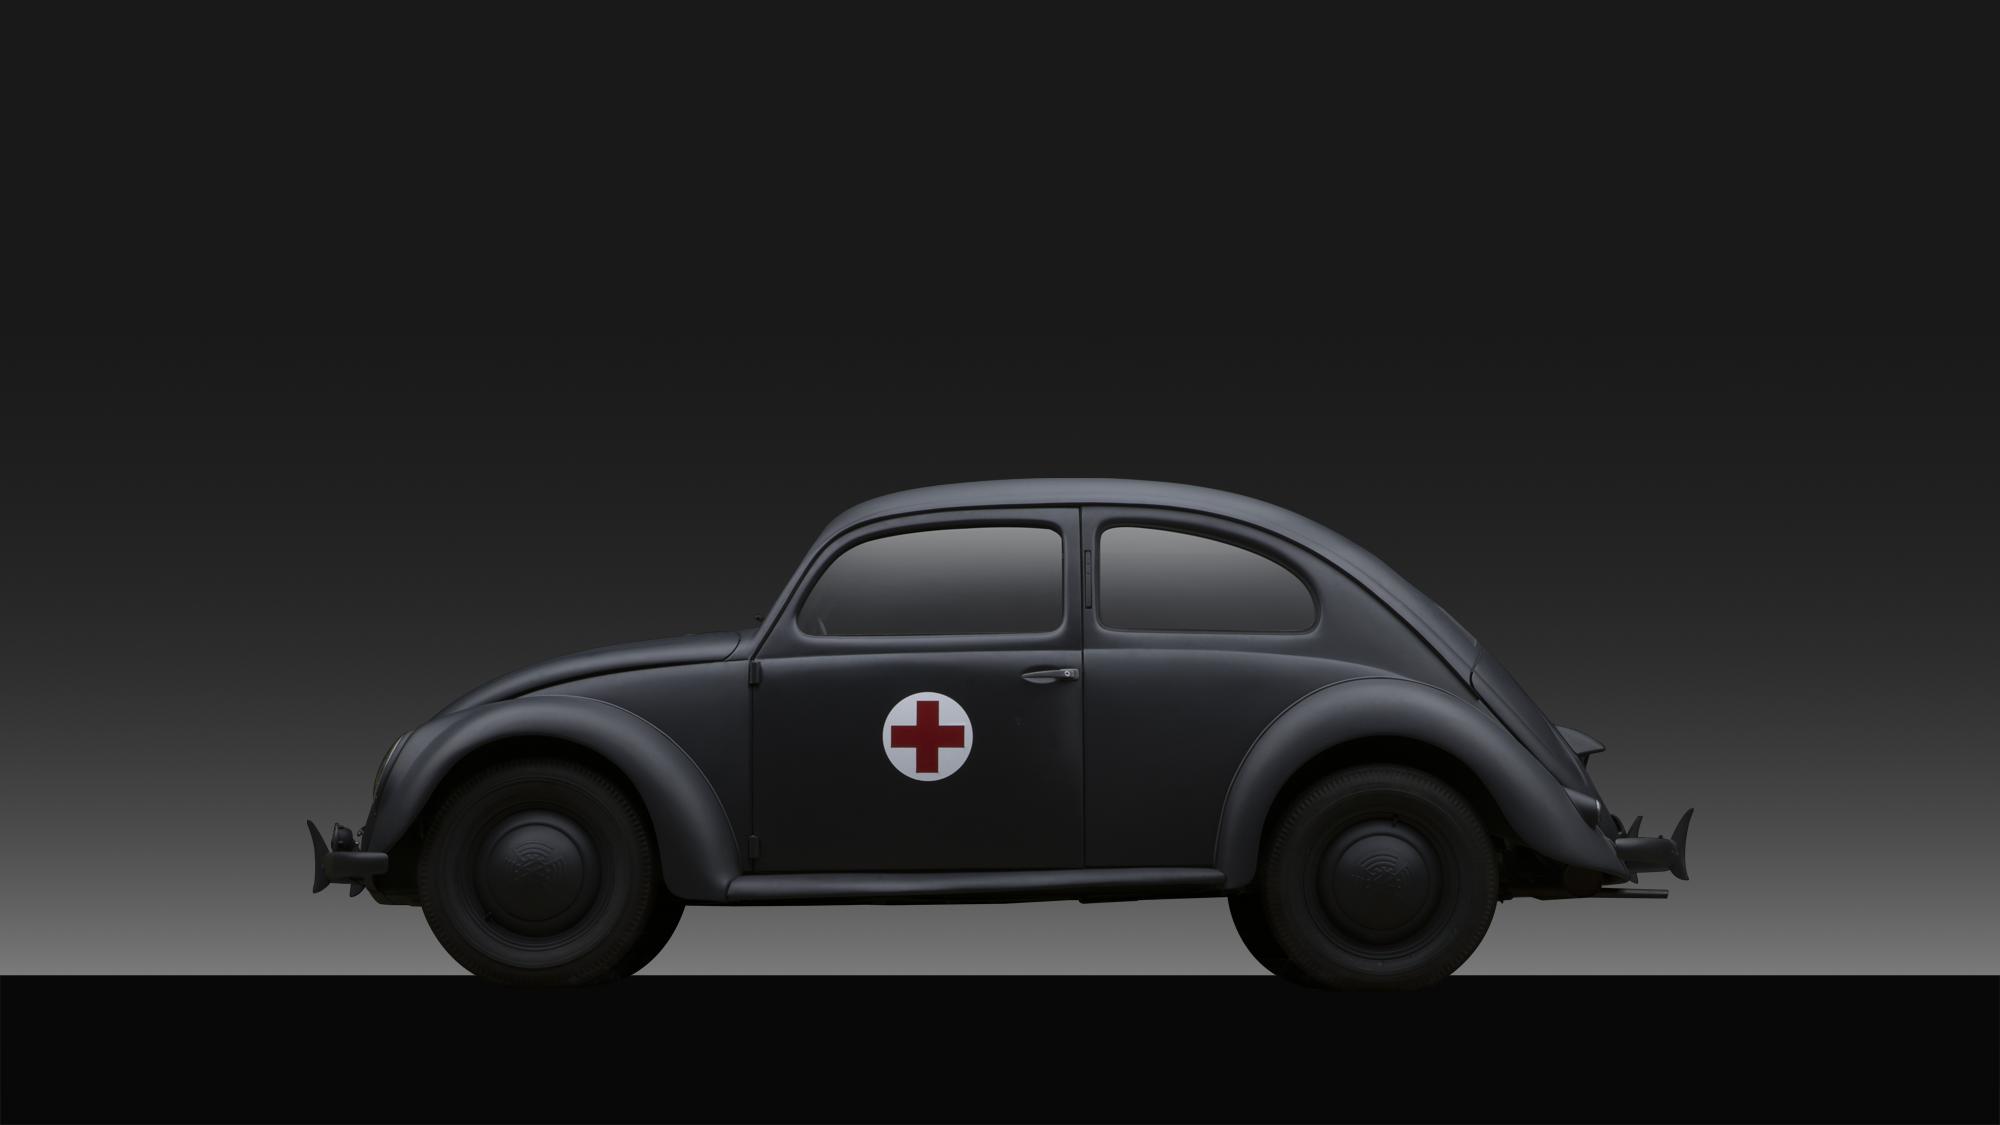 Car20-1-1943-Type-60-1-